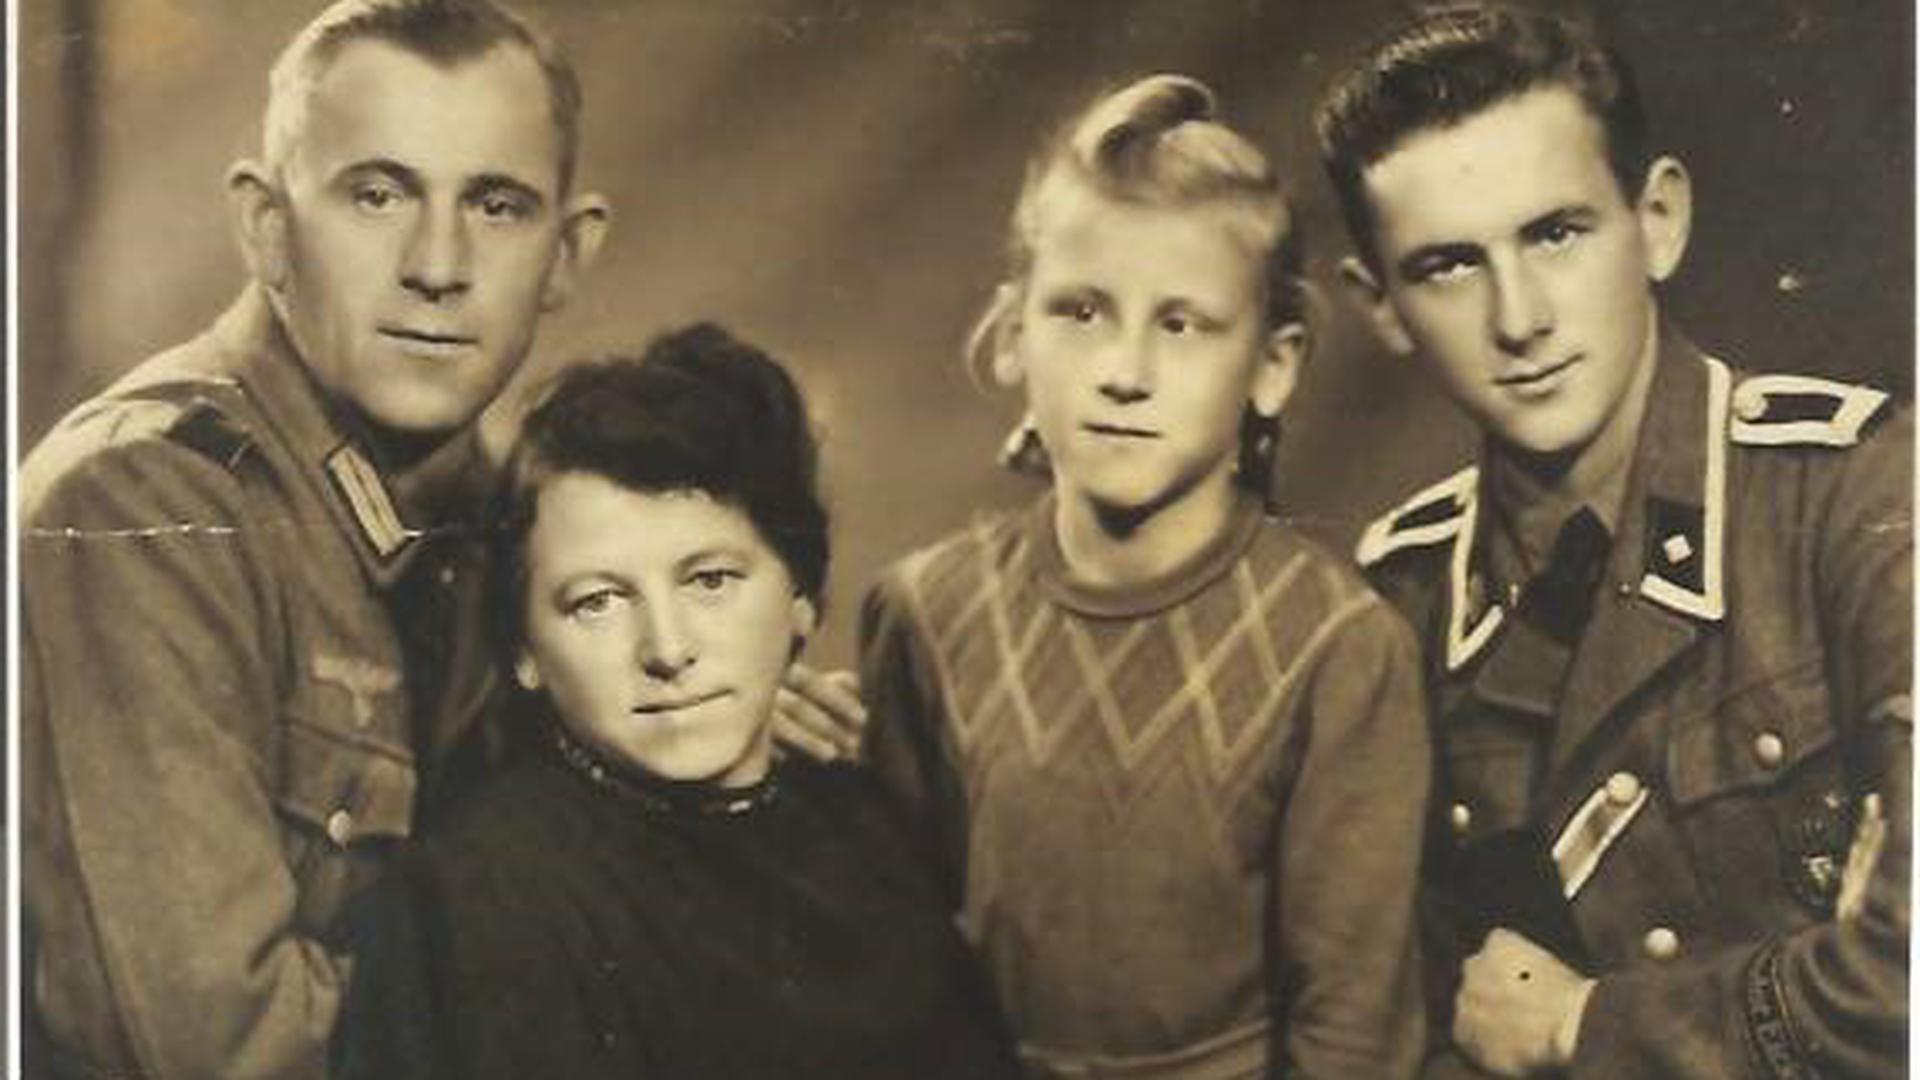 Erich, Röschen, Marianne und Rudi Kunze (von links), letzterer in der Uniform der Waffen SS.